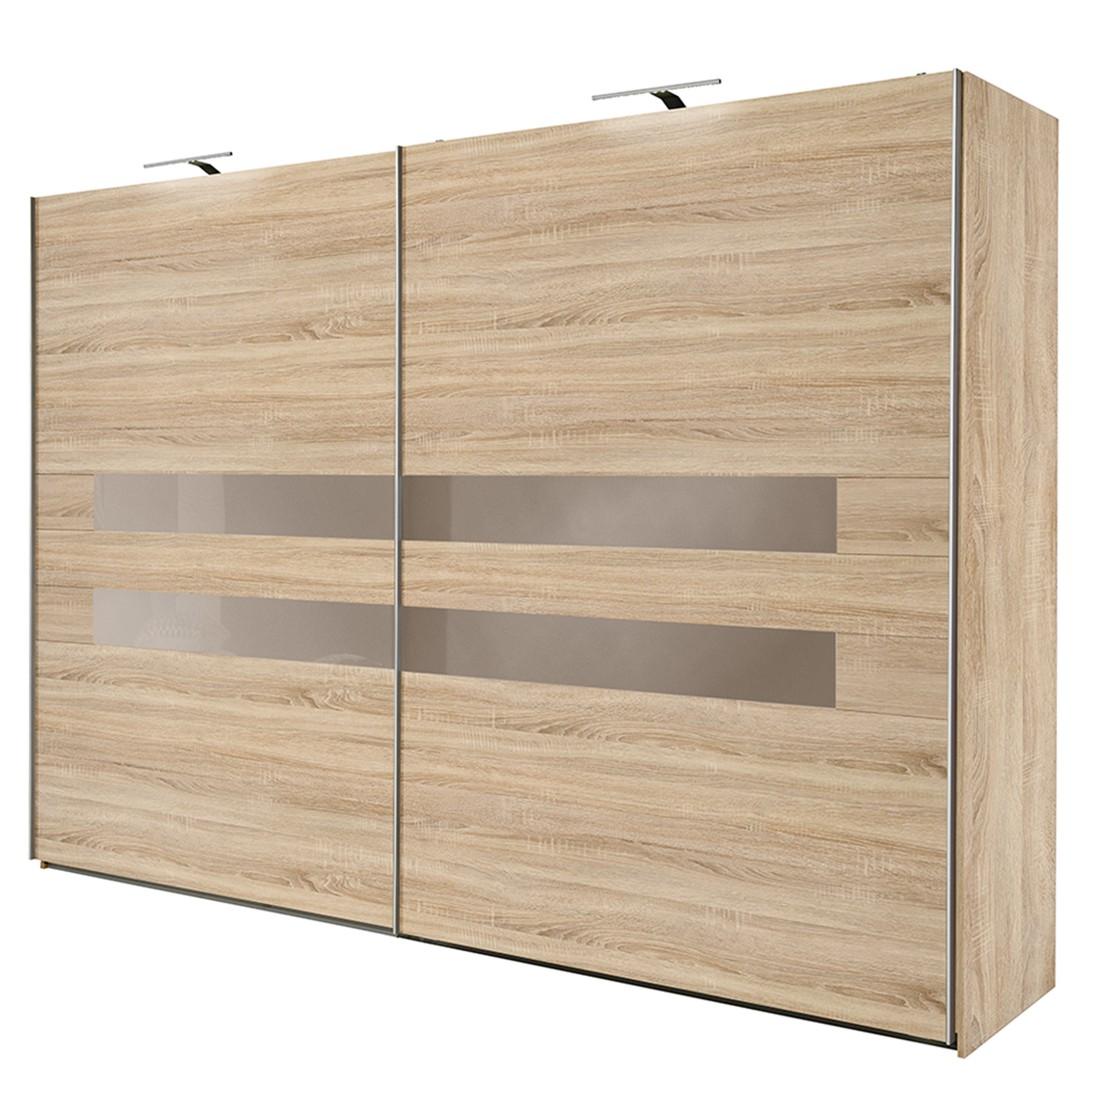 arte tisch preisvergleich die besten angebote online kaufen. Black Bedroom Furniture Sets. Home Design Ideas